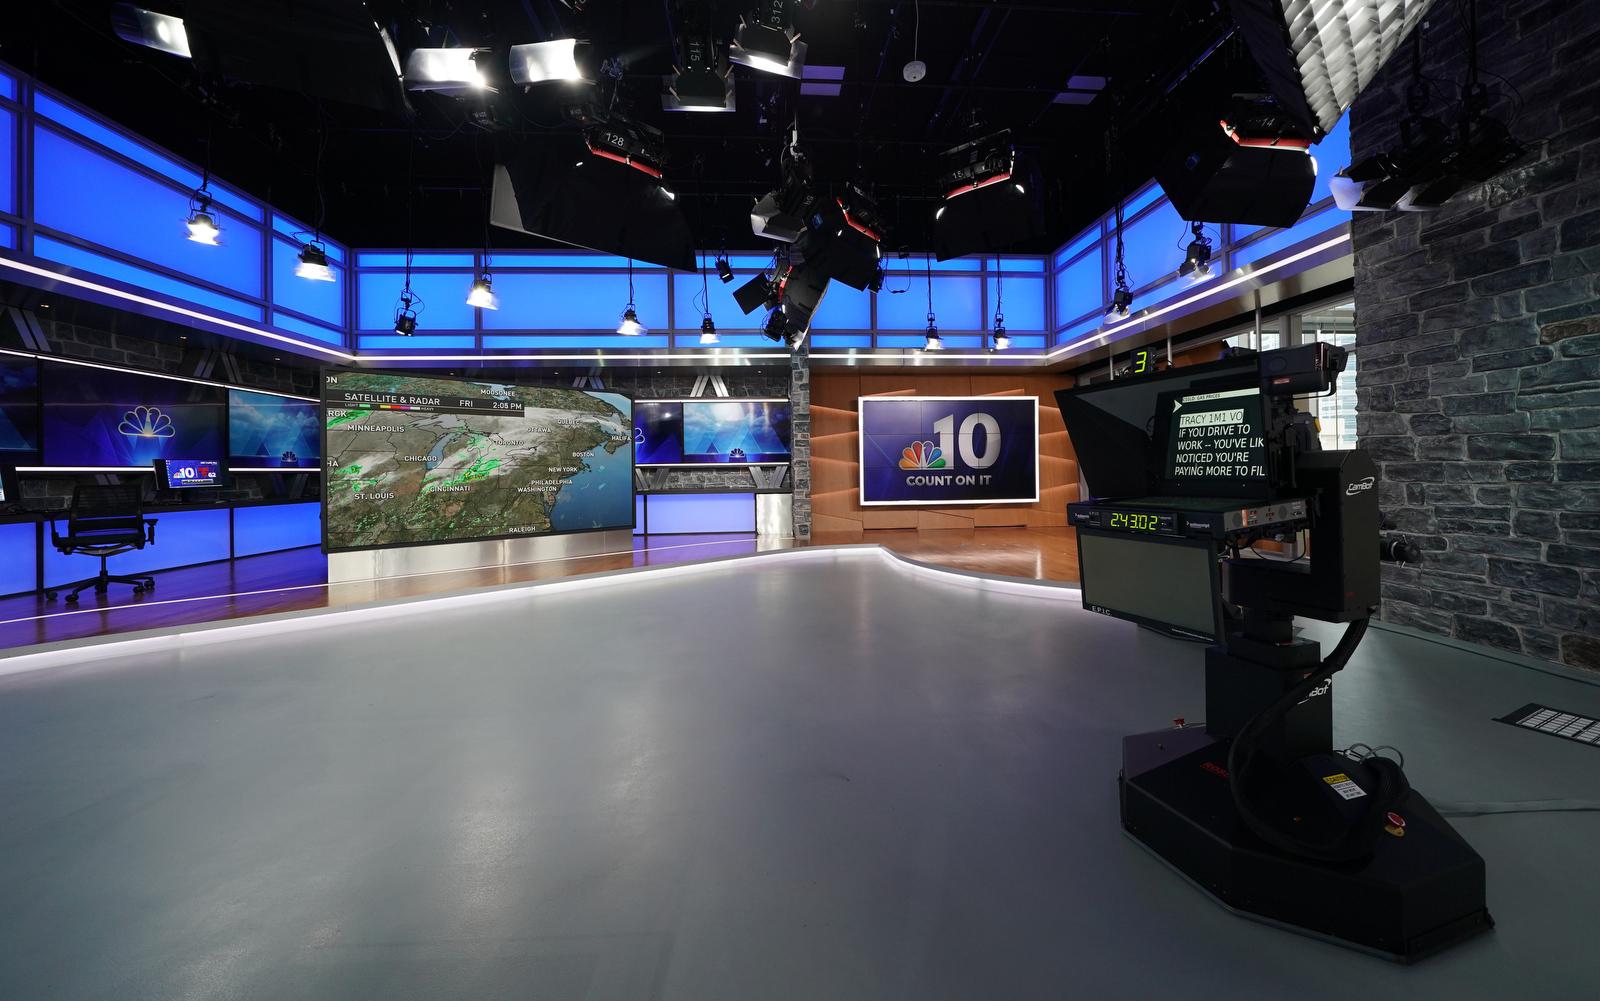 NCS_NBC-10-WCAU-Philadelphia-0008